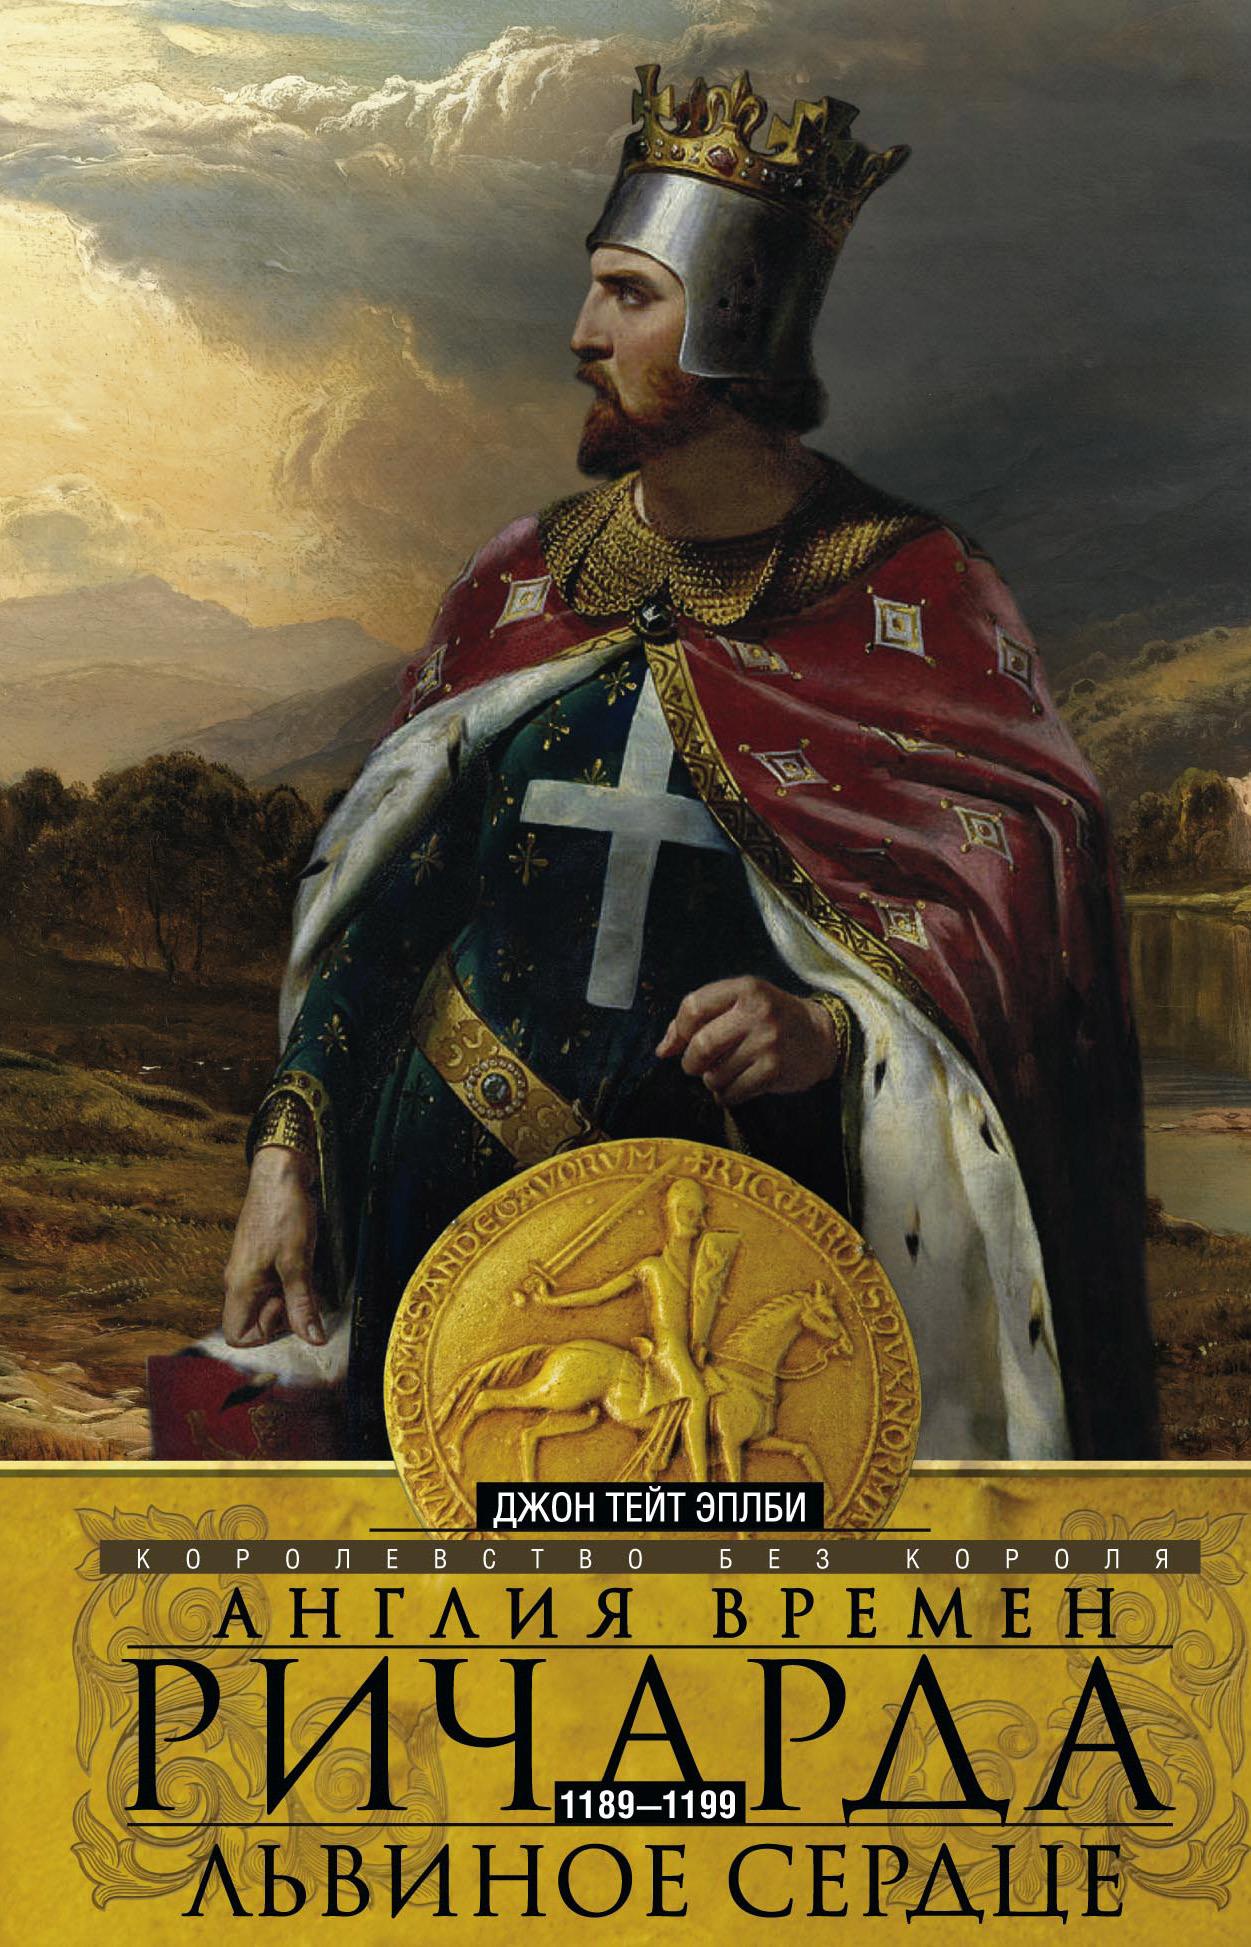 Изображение книги